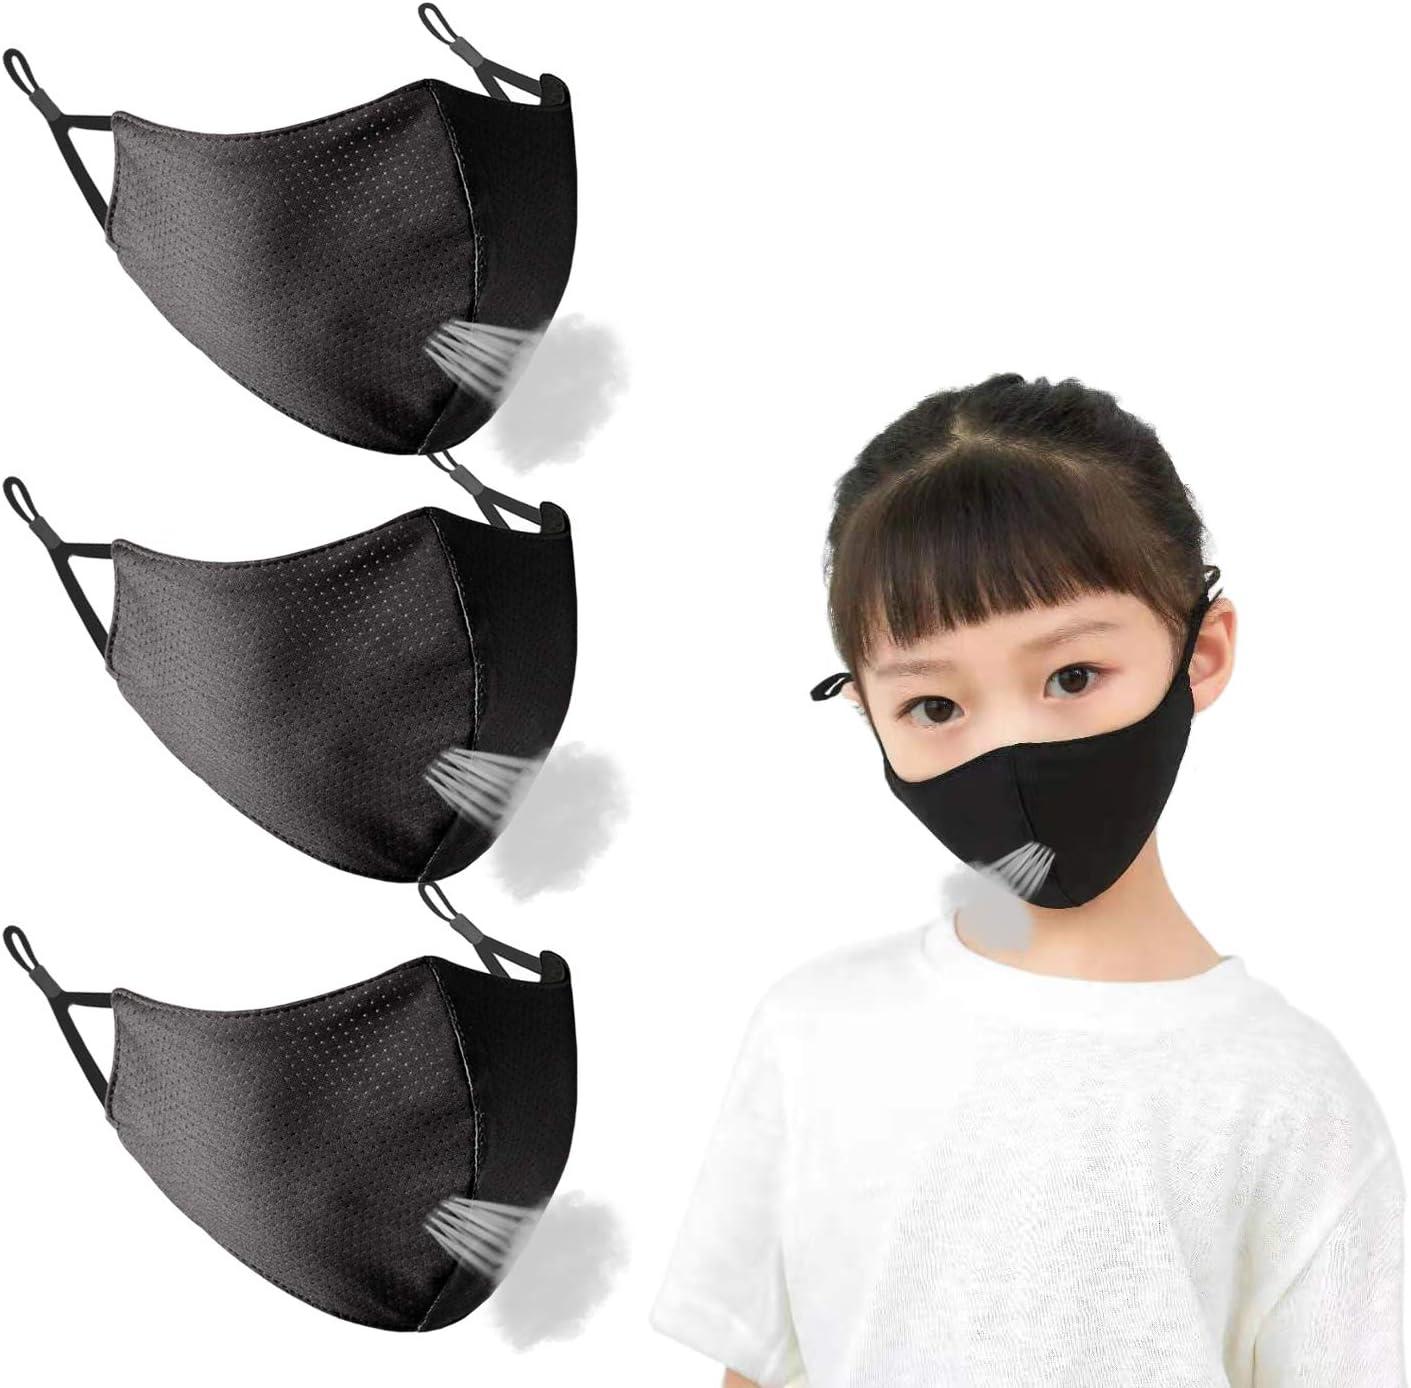 Direct store Borgasets Kids Face Mask Reusable Black Reservation Exercise Adjustable Brea